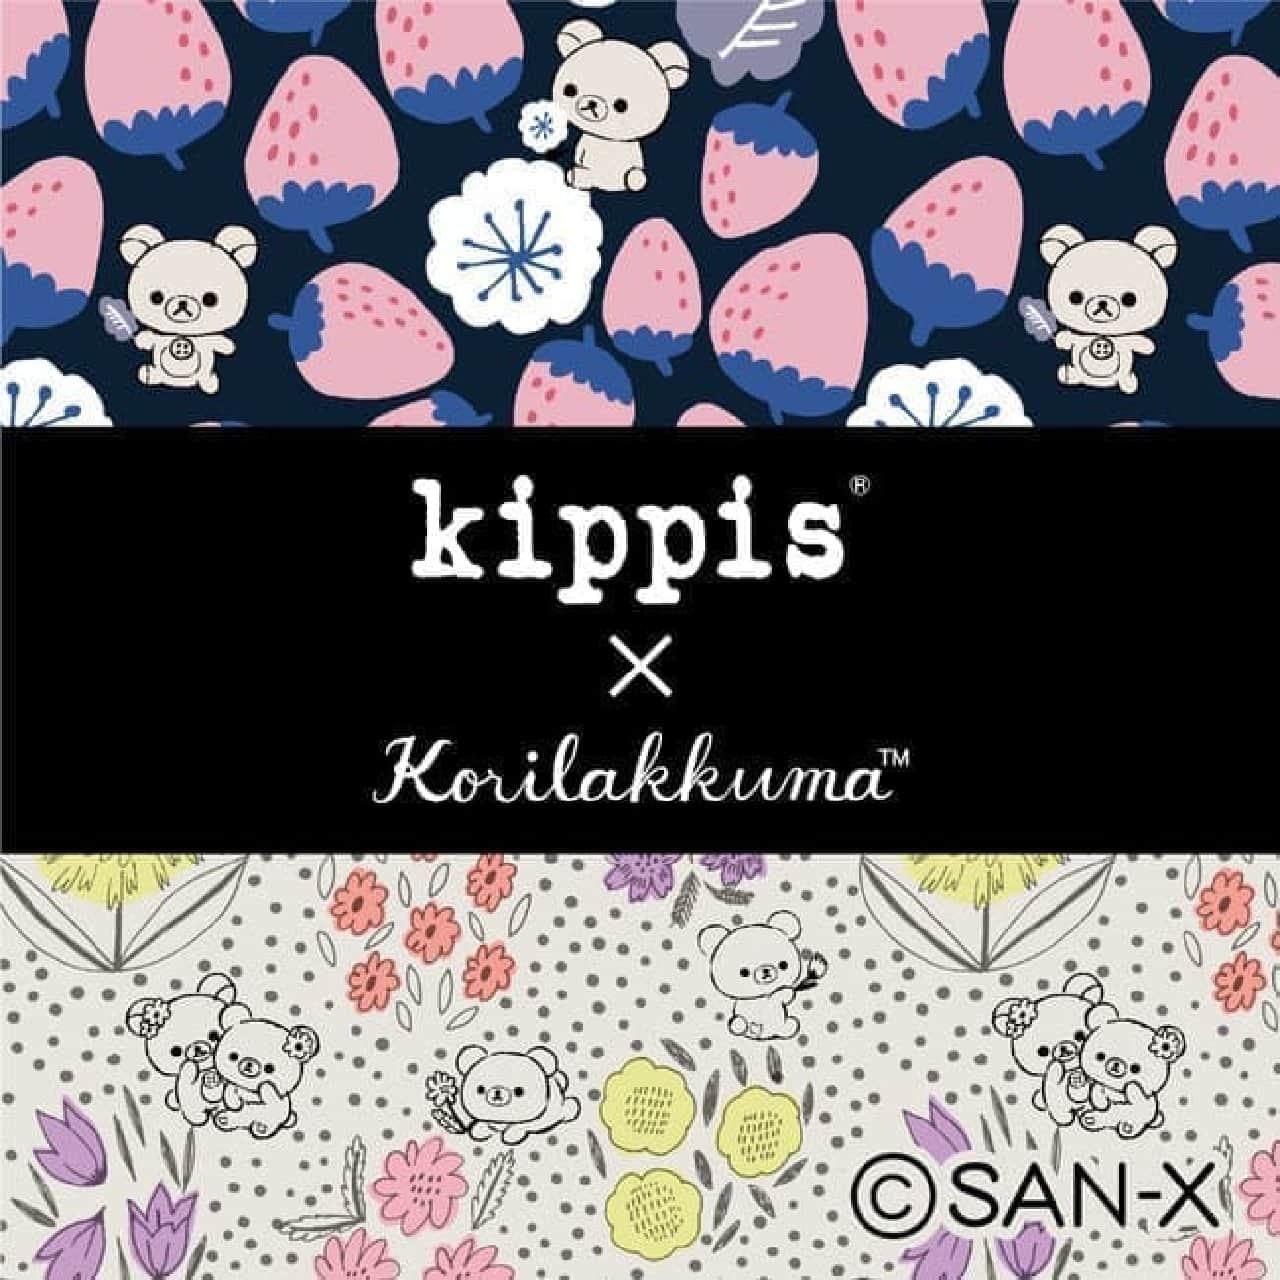 北欧デザイン「kippis」×コリラックマのコラボ商品 -- 期間限定コリラックマストアなどで